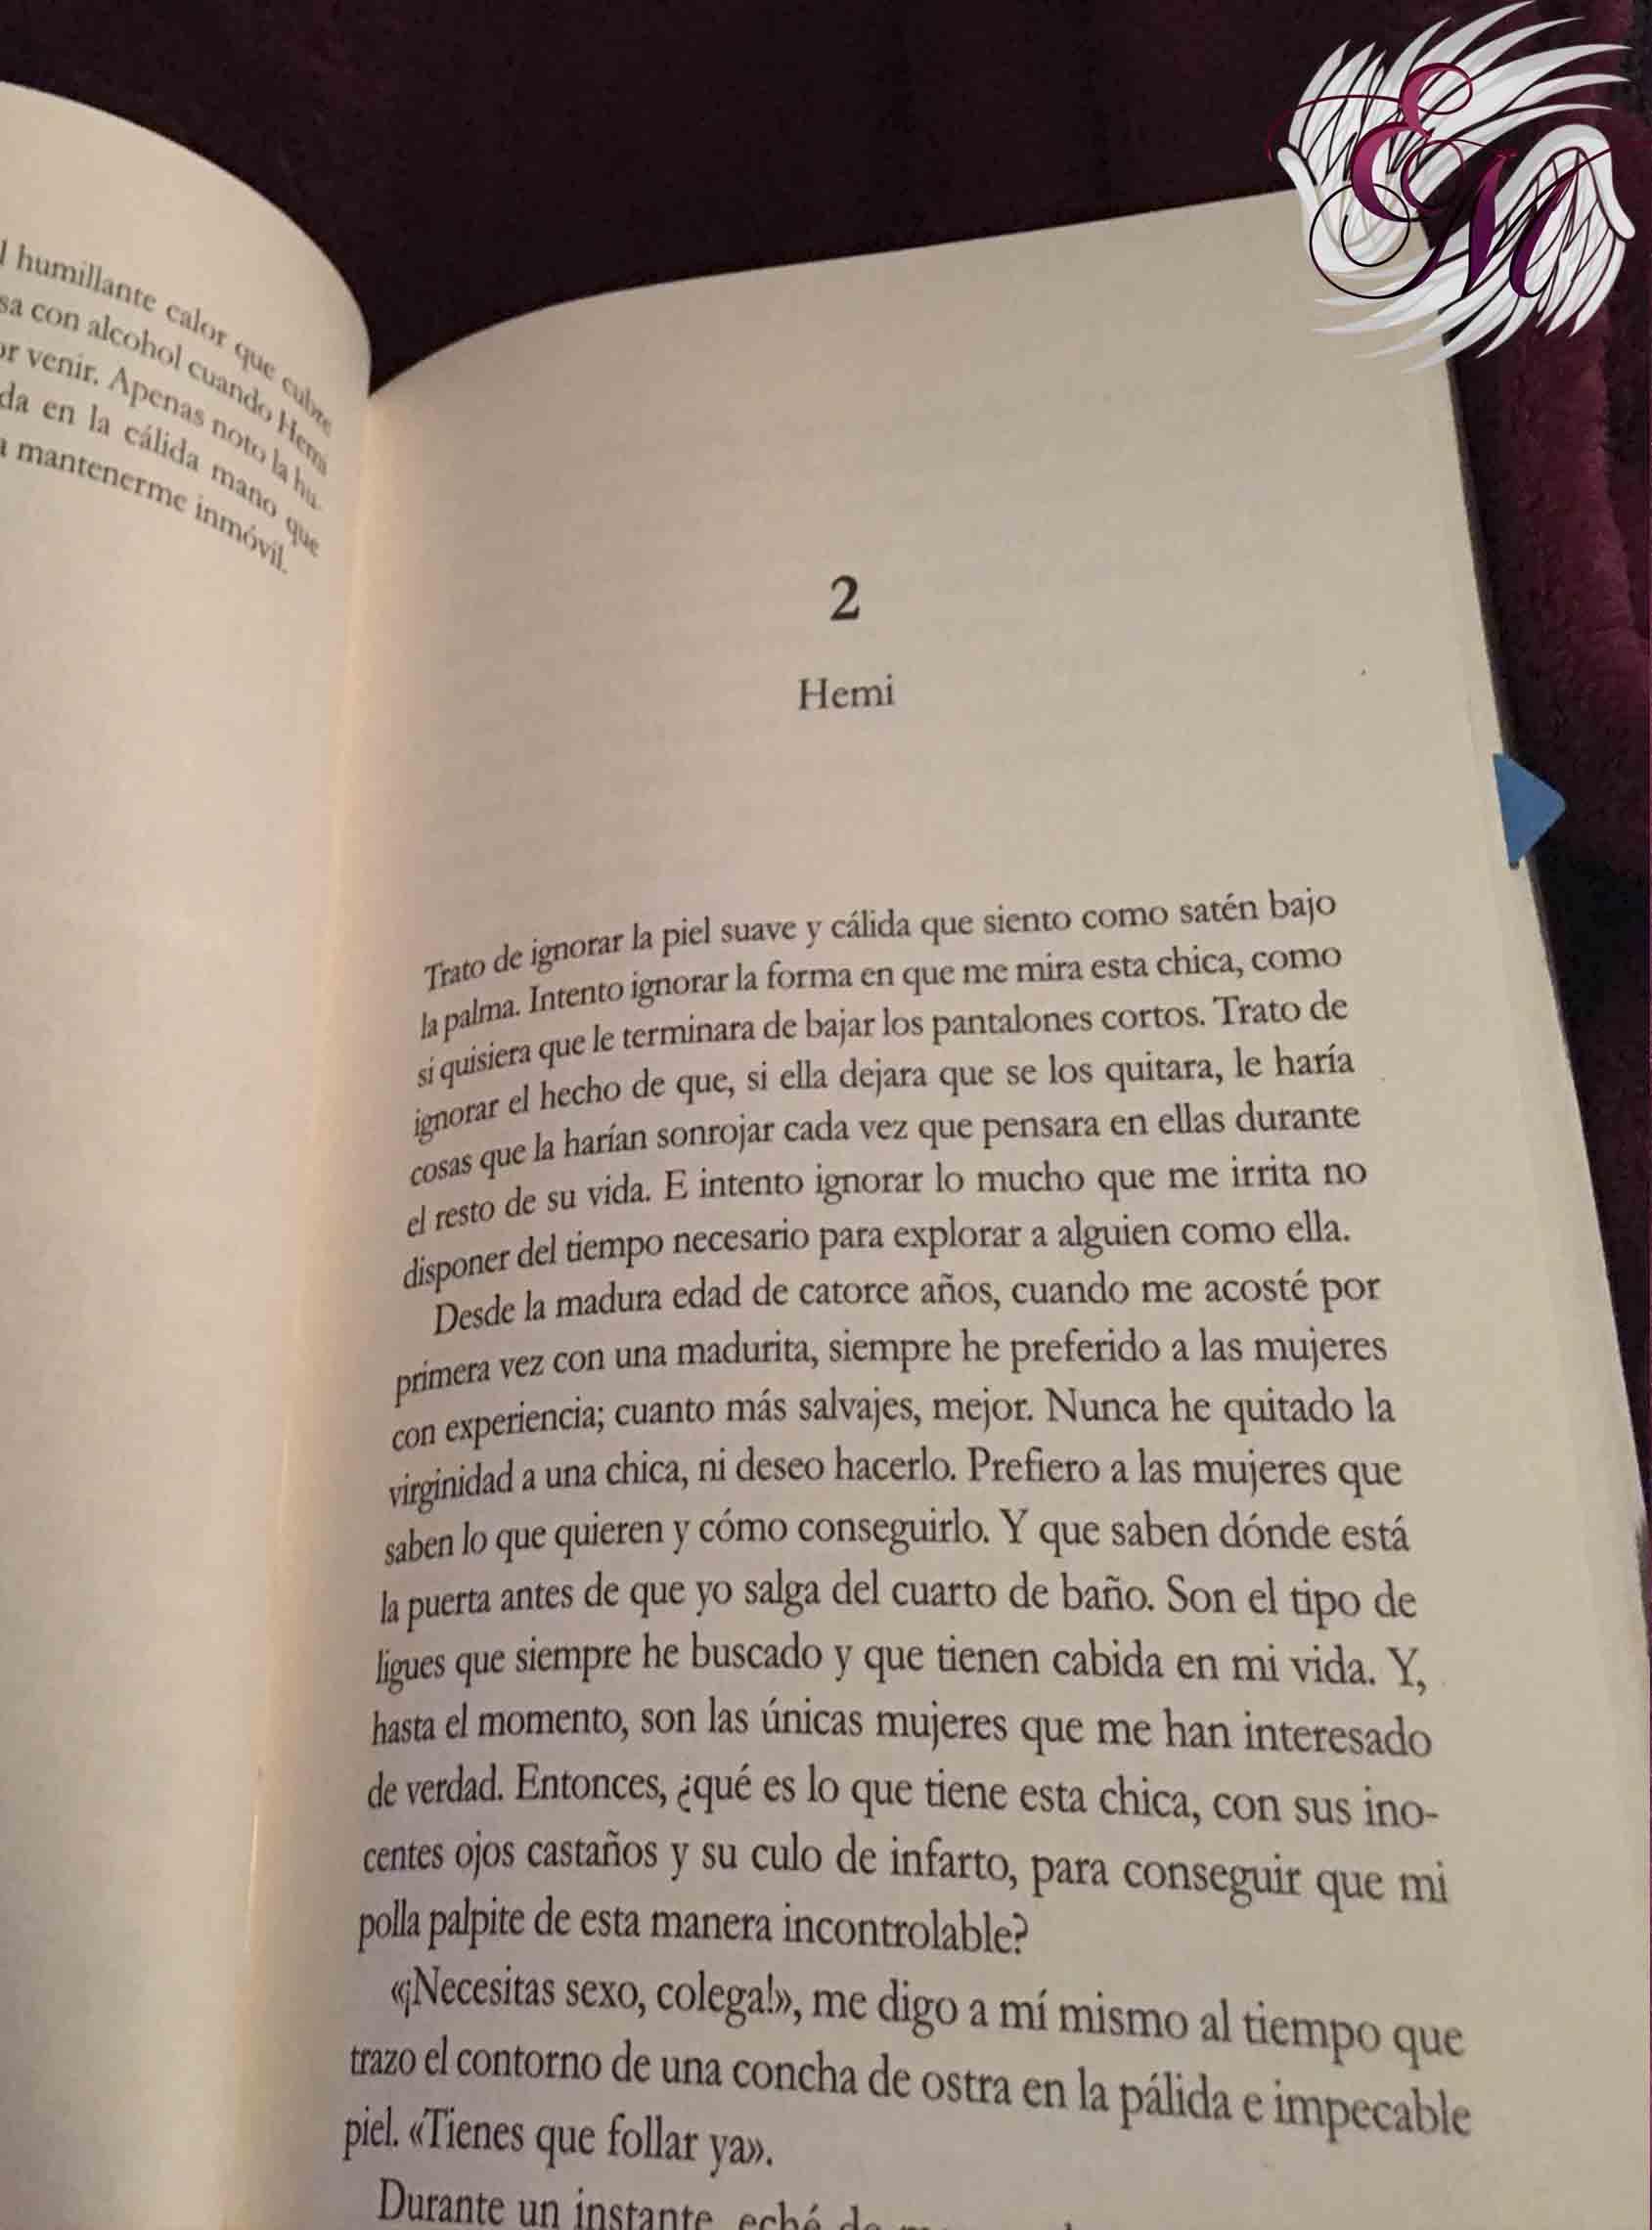 Dulces mentiras, de M.Leighton - Reseña